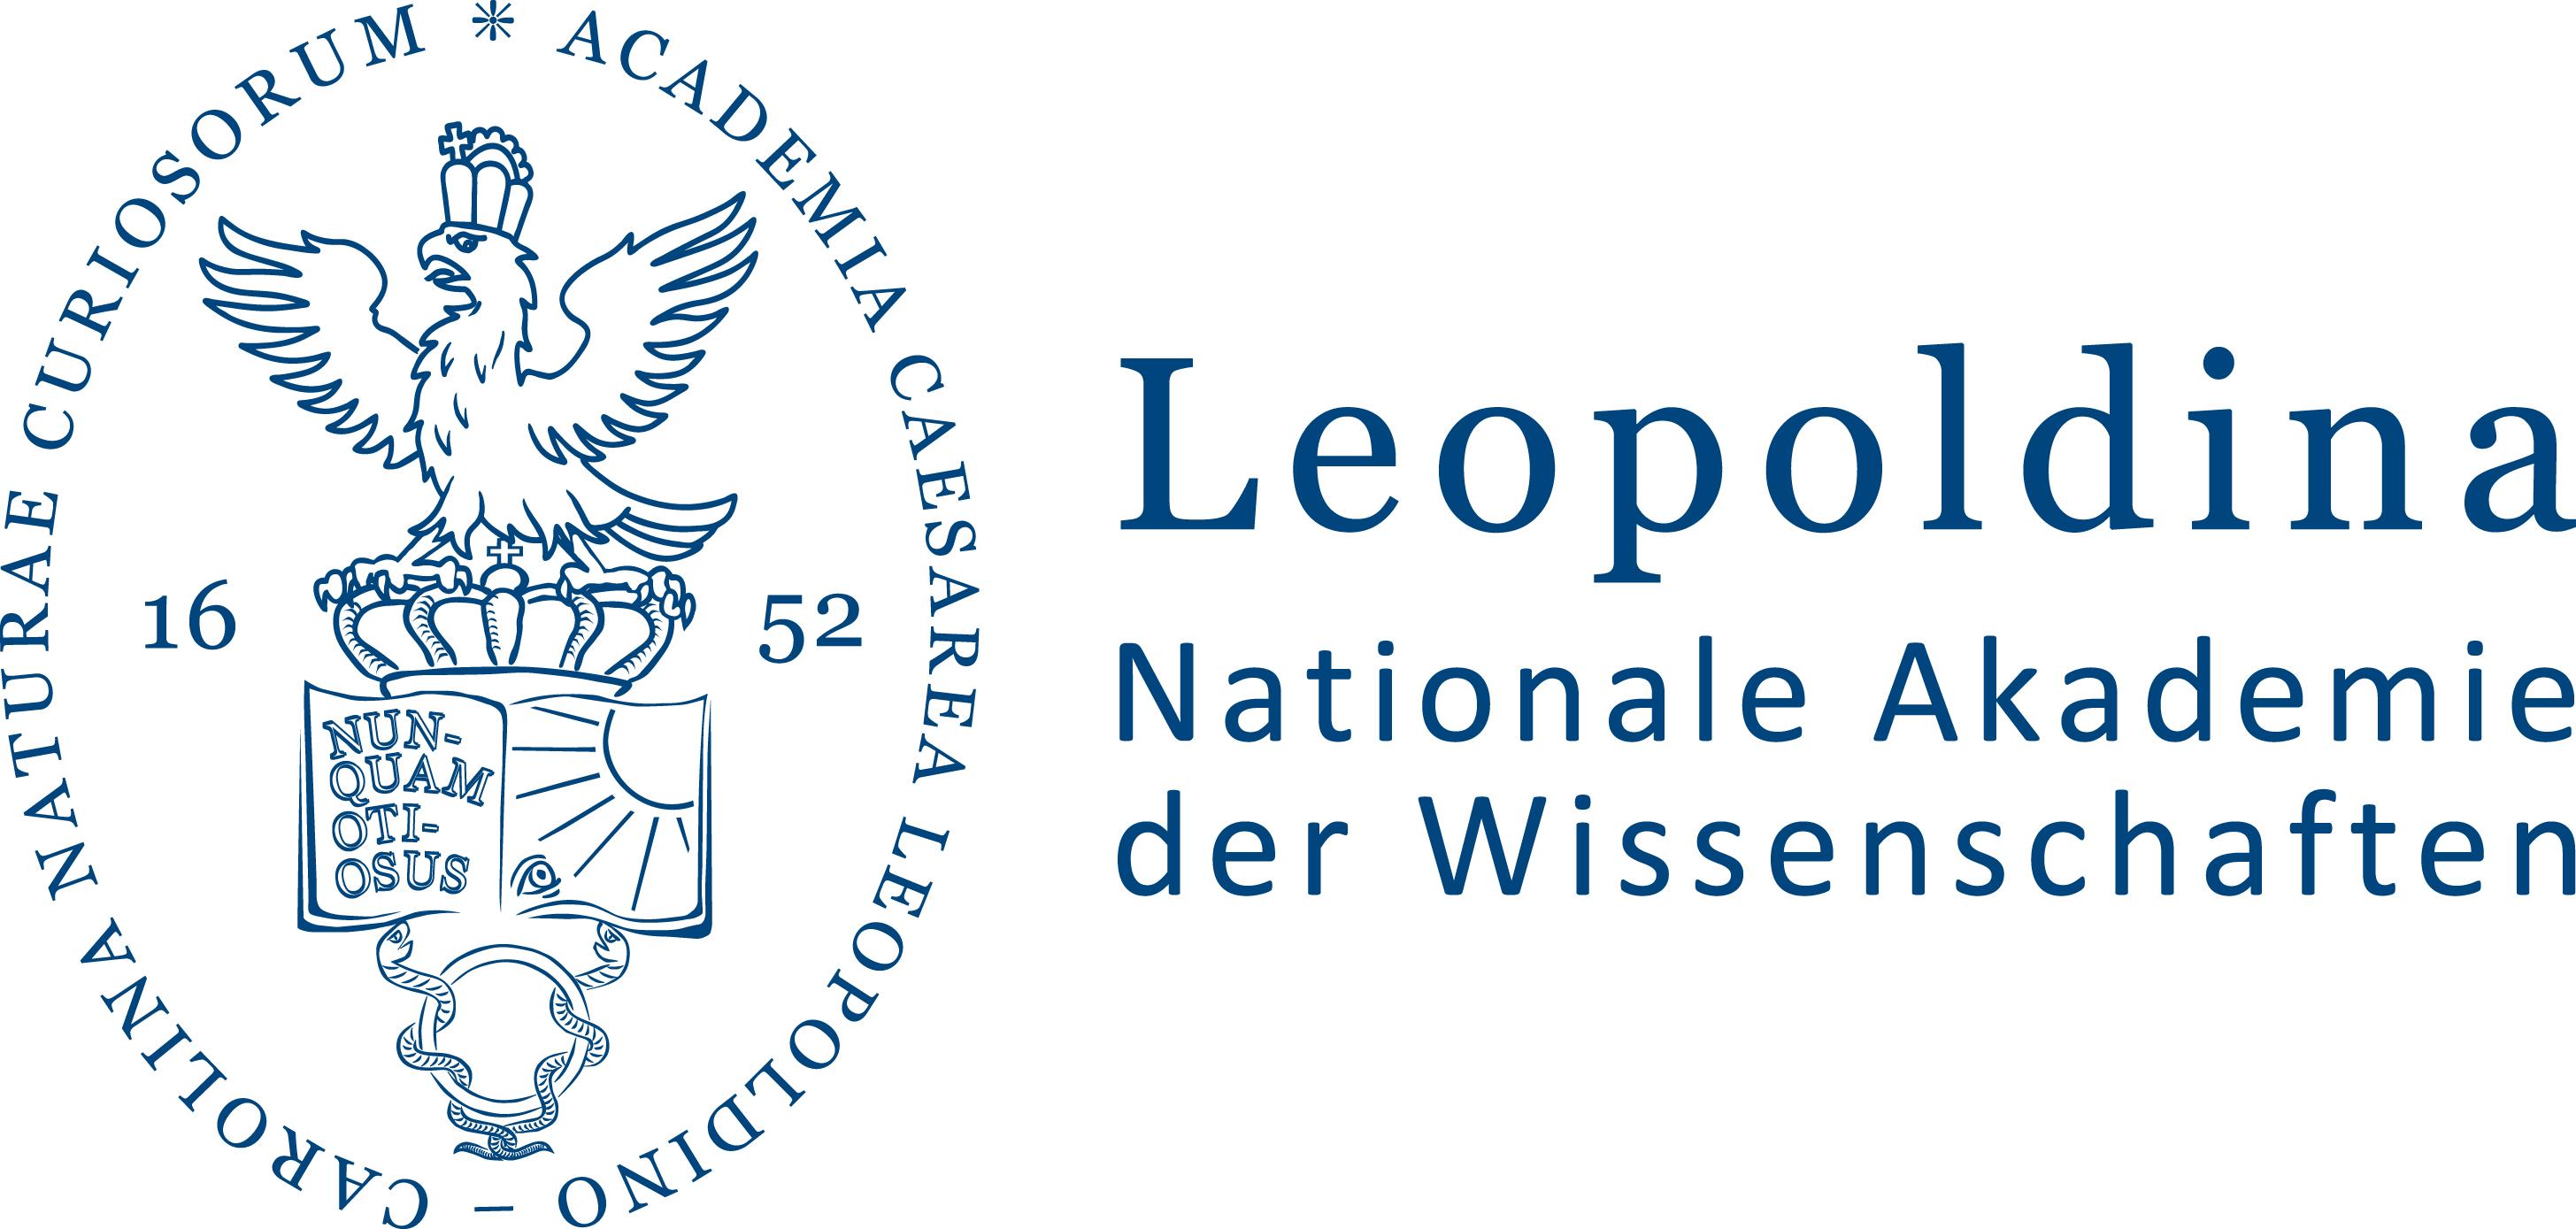 Bildergebnis für LOGO Leopoldina